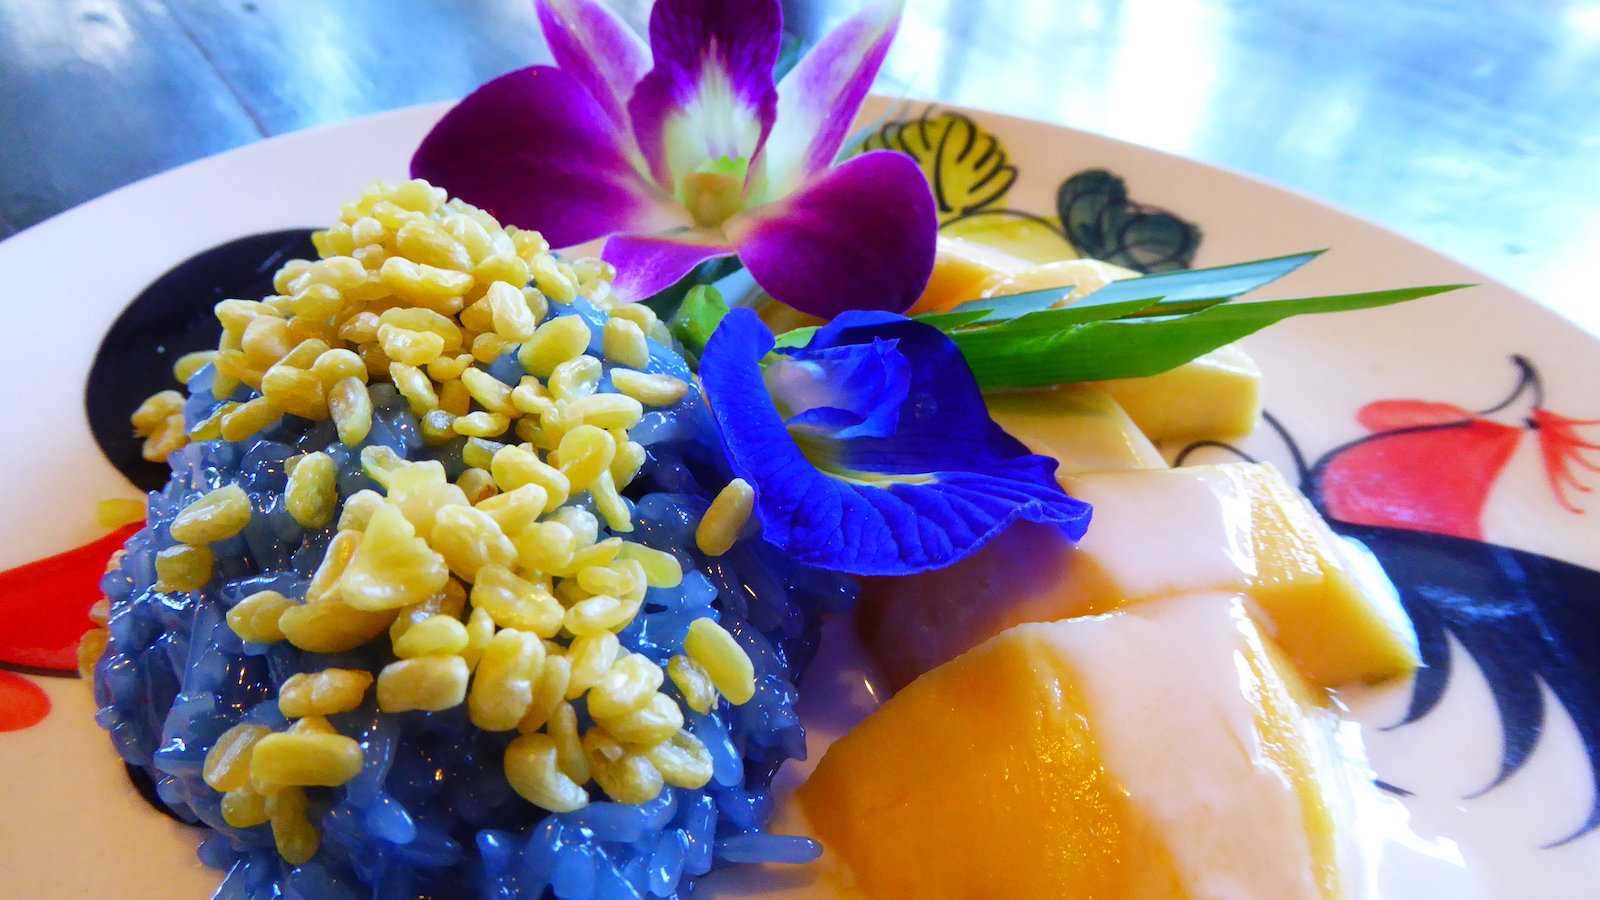 Uma das sobremesas mais populares na Tailândia é o prato simples de manga com arroz pegajoso